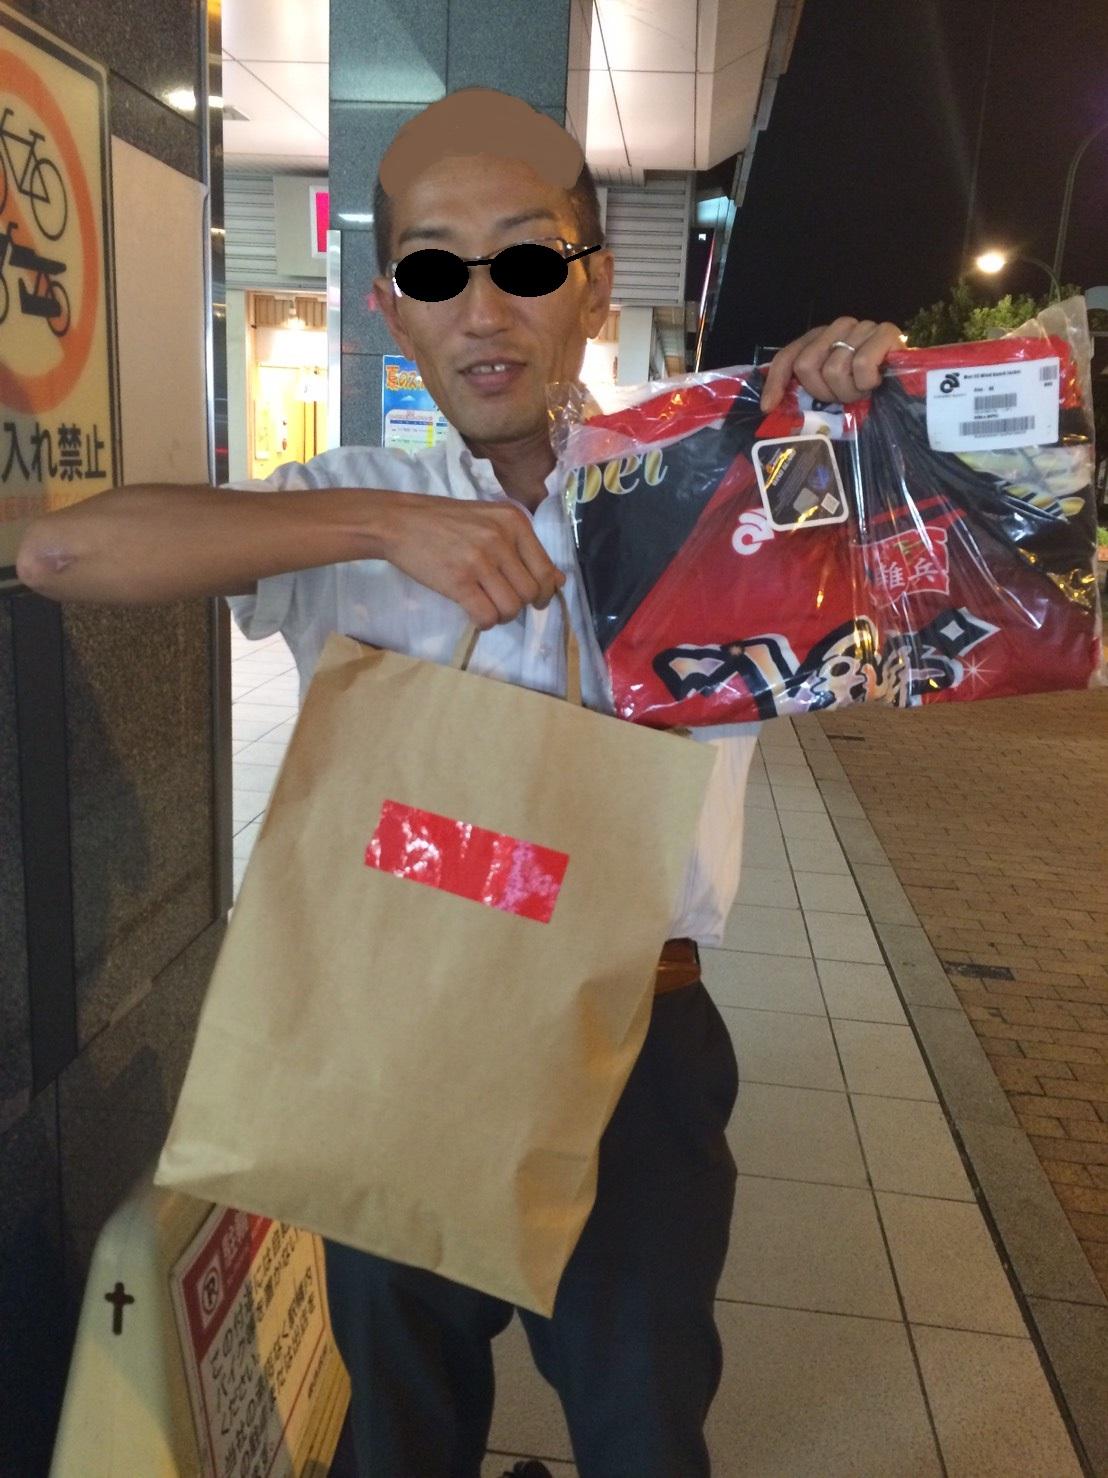 VIVA☆ZAPPEI・ZAPPEI☆ジャージ